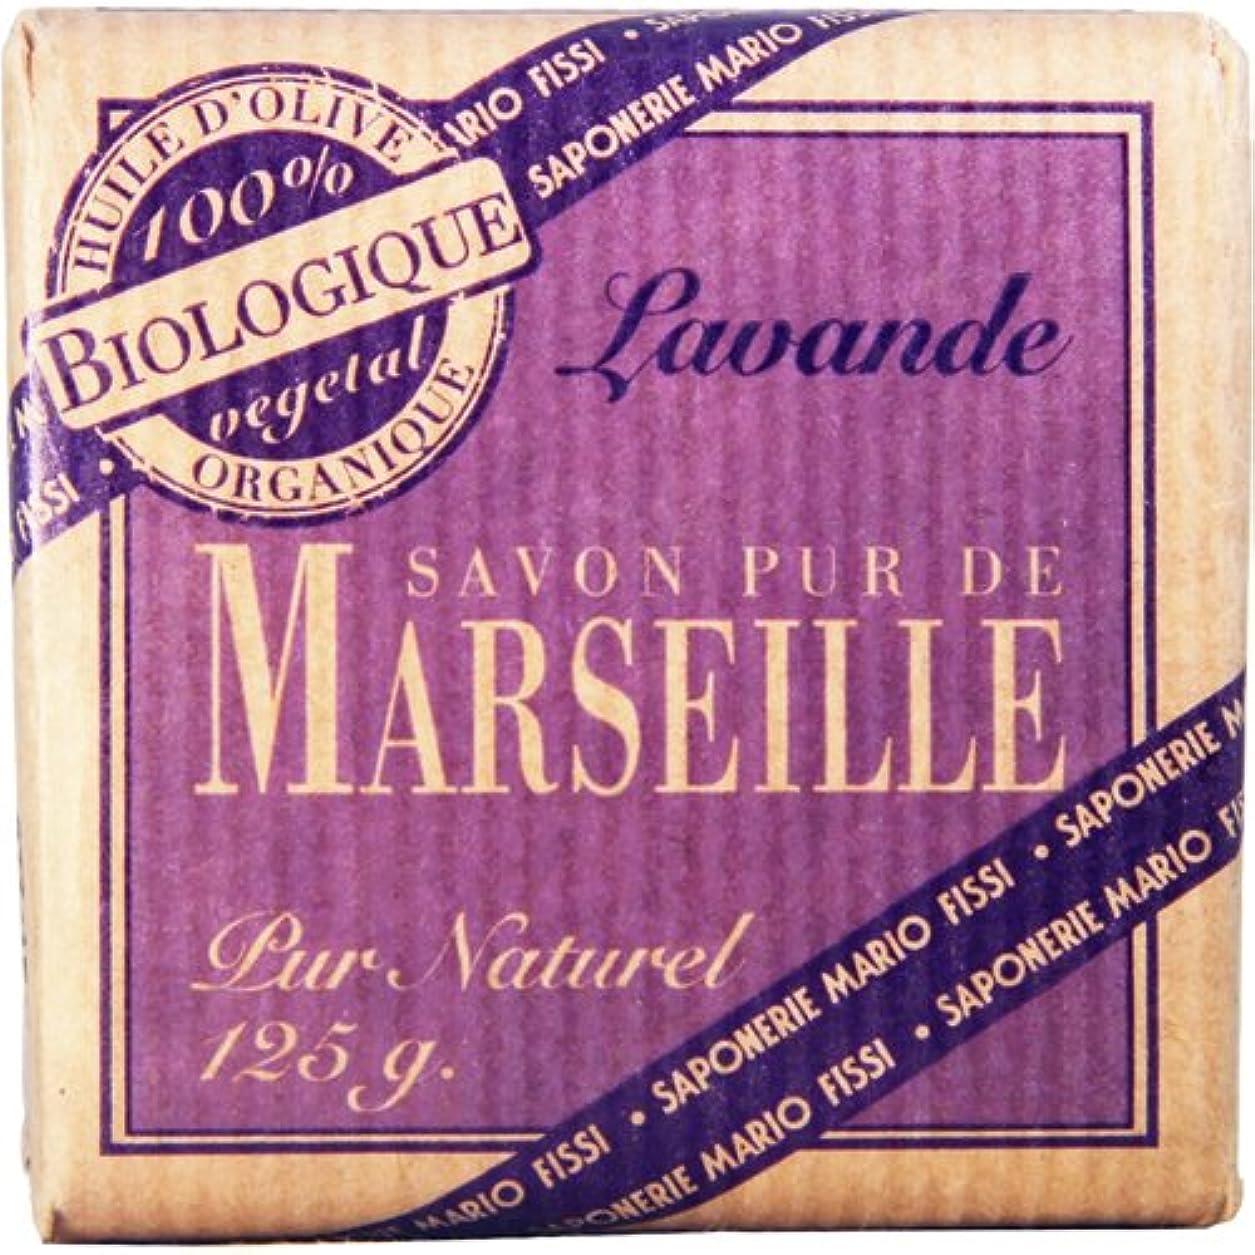 を通して不調和意義Saponerire Fissi マルセイユシリーズ マルセイユソープ 125g Lavender ラベンダー